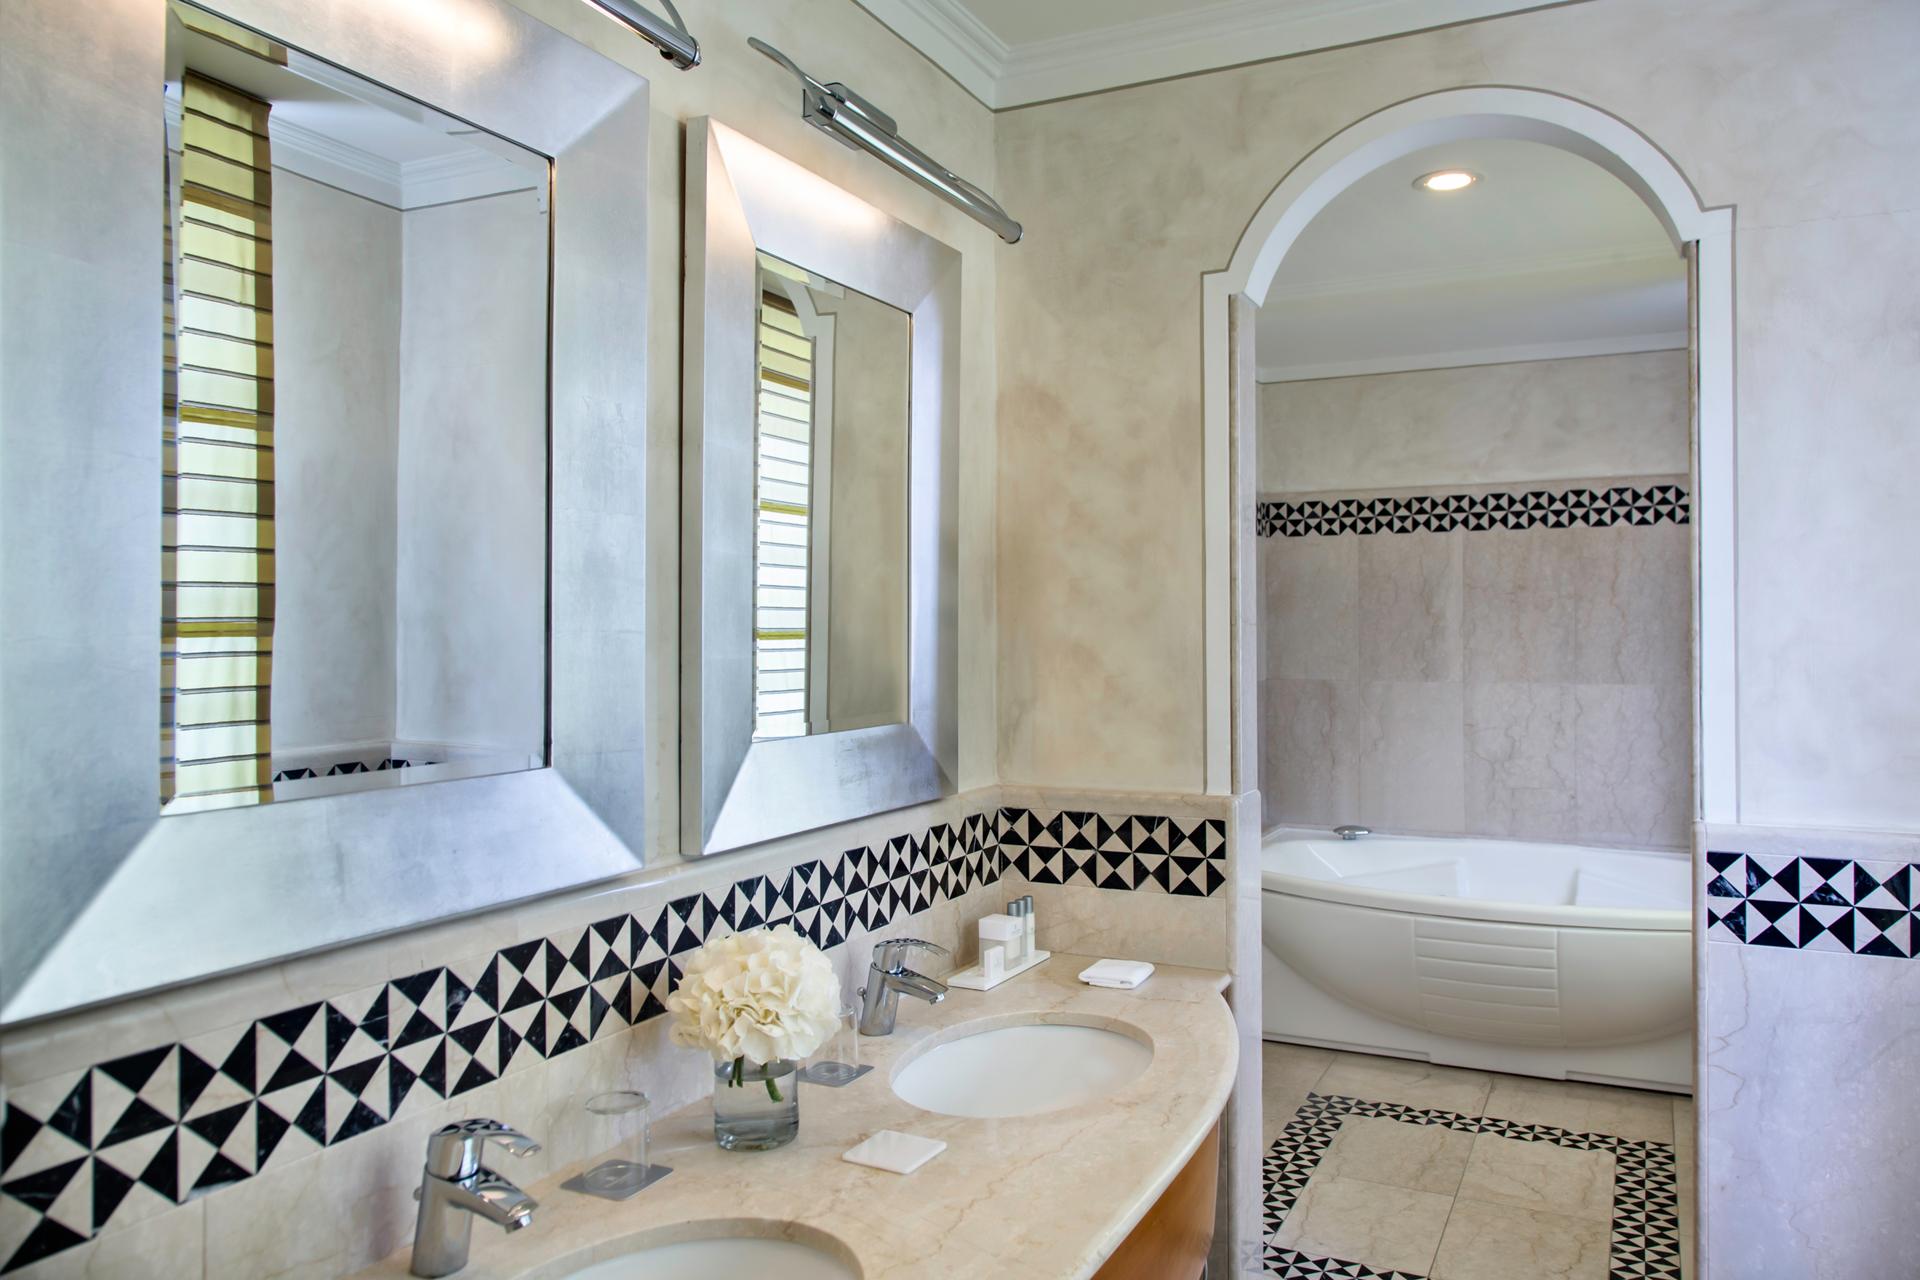 RH_NAPBR_presidential_bathroom